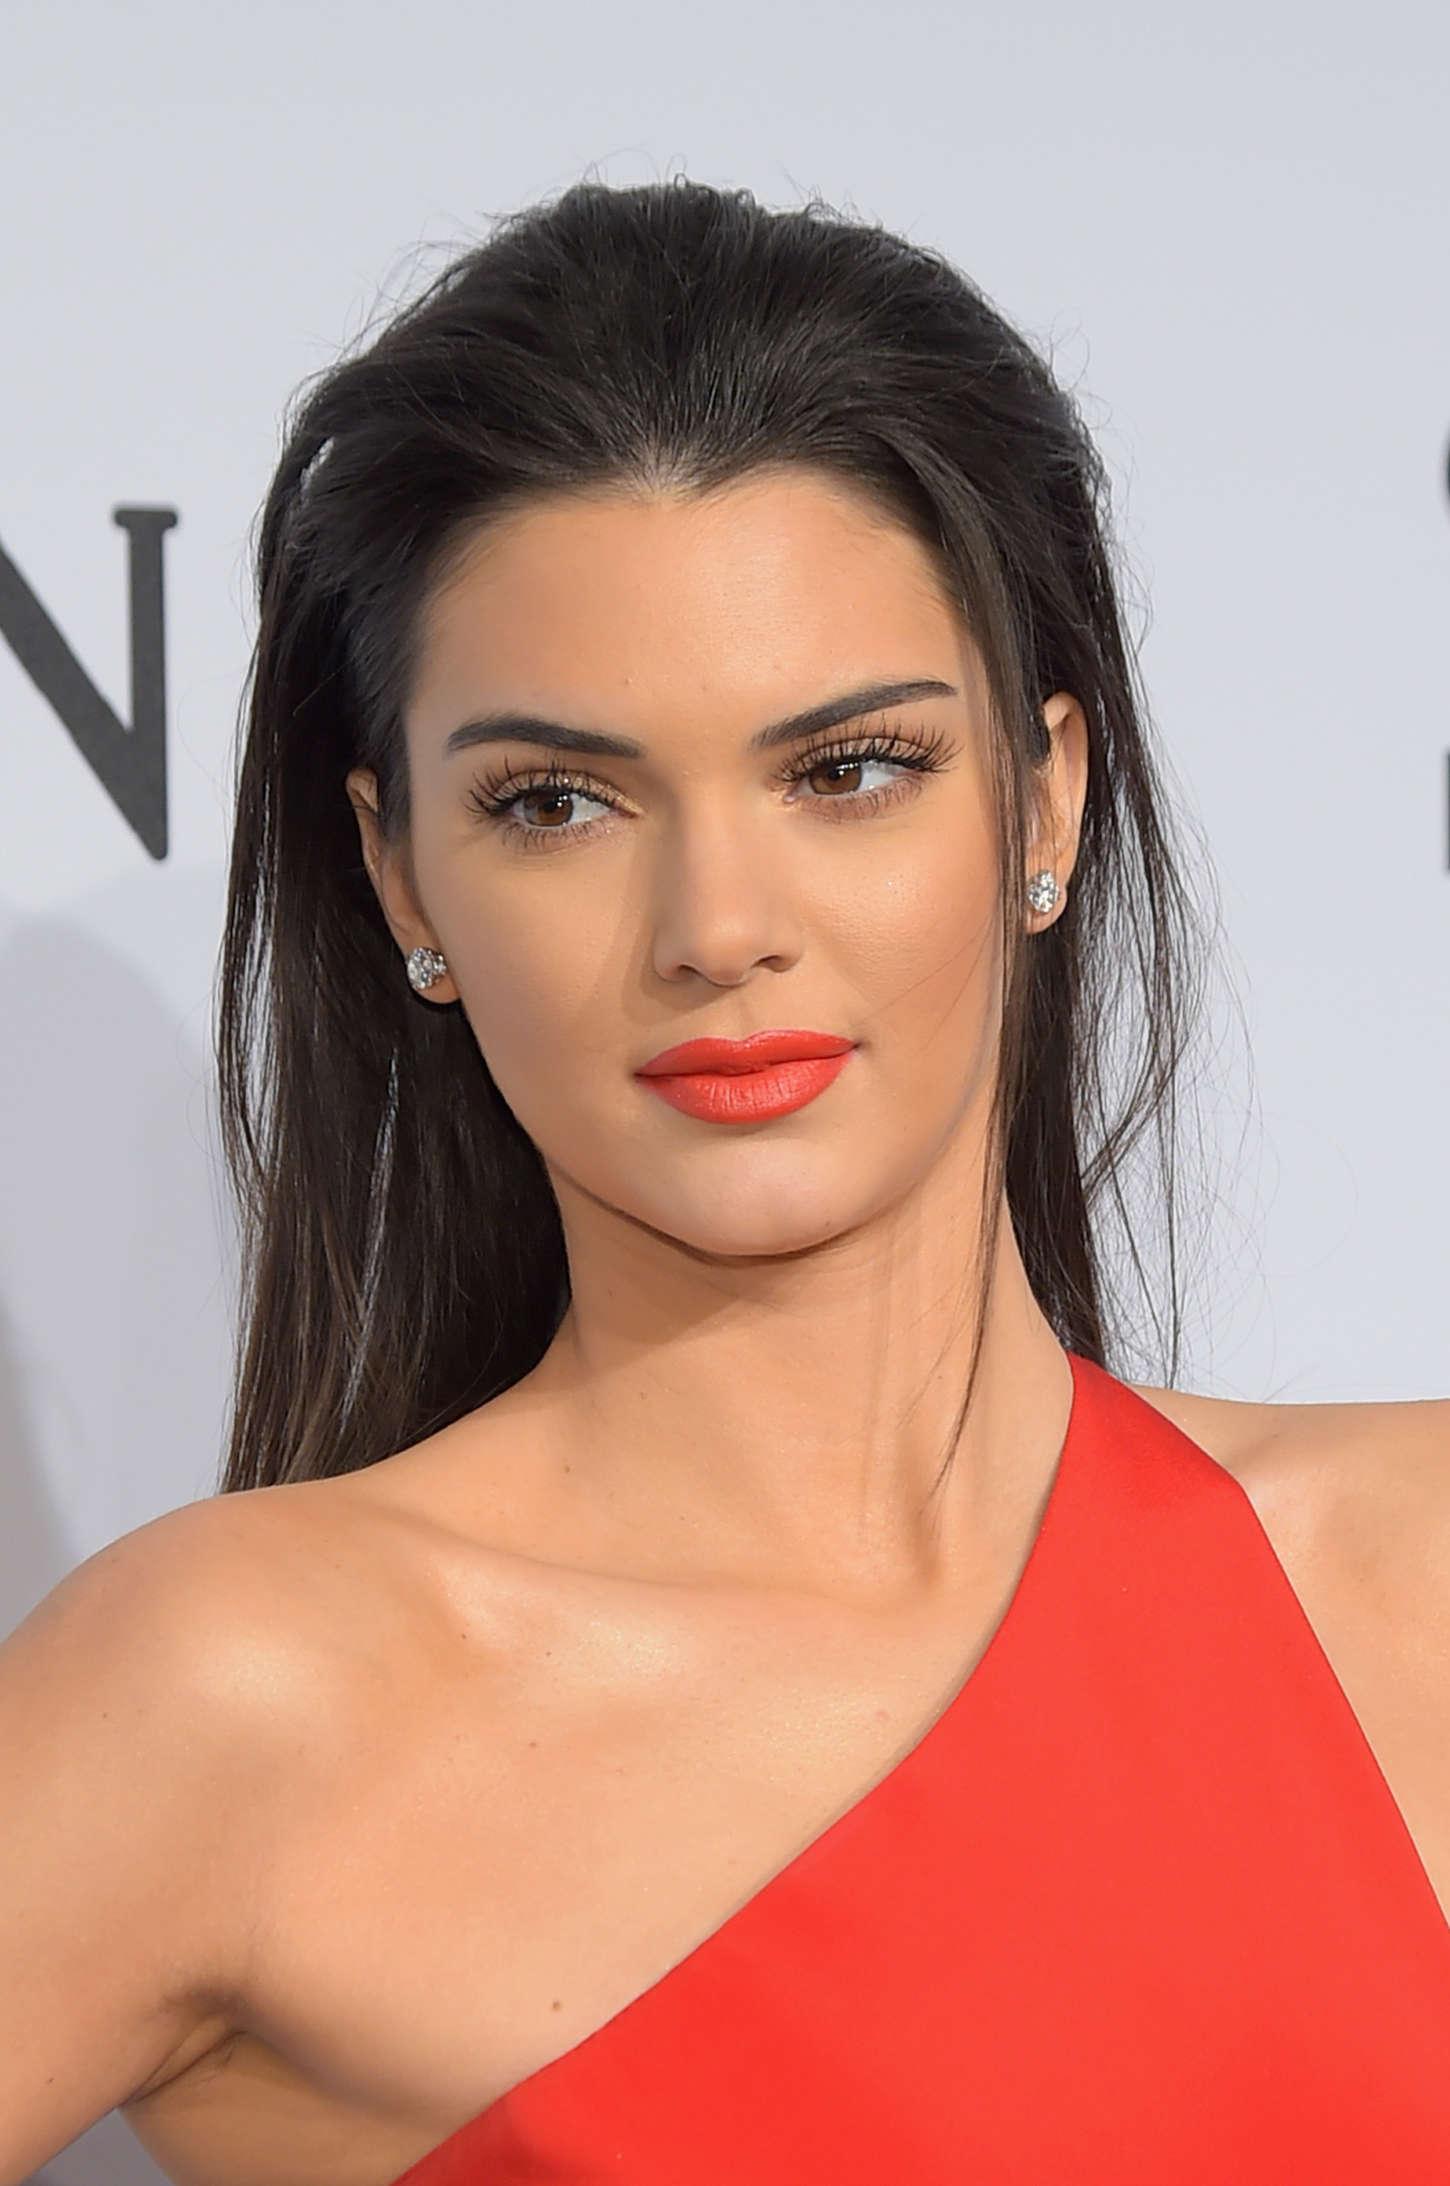 Dünyaca ünlü model Kendall Jenner'in en güzel hd resimlerinin yer aldığı resim galerisini görüntülemek için tıklayın.